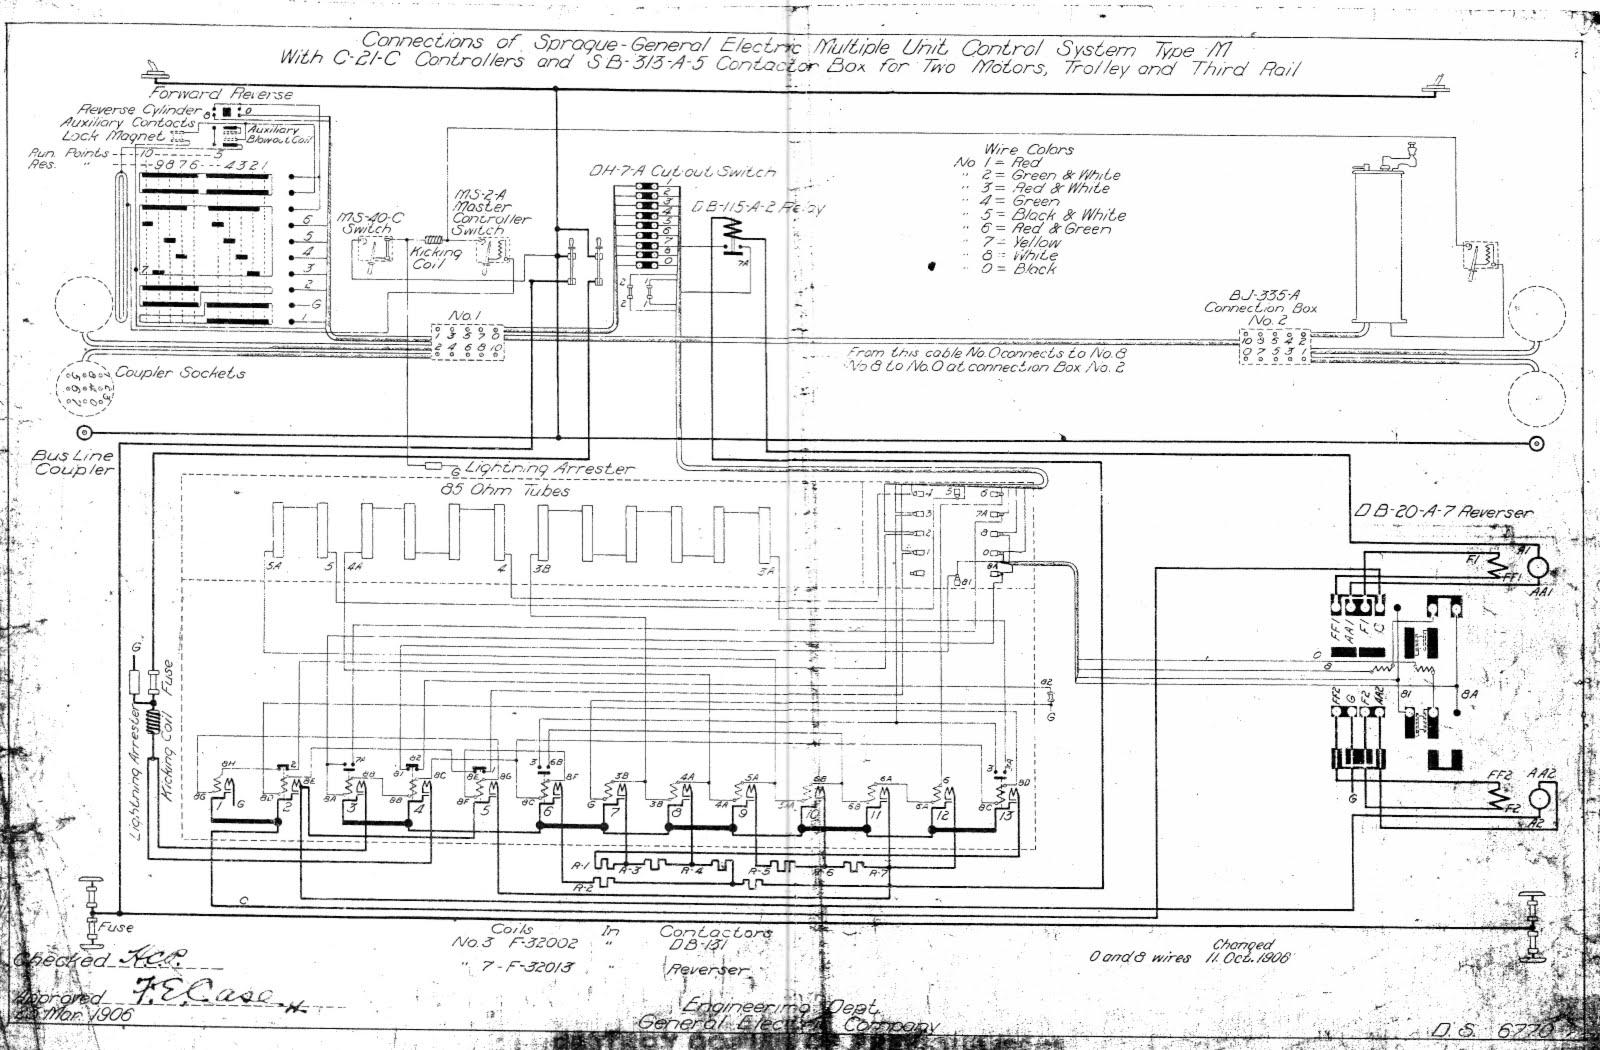 small resolution of 2000 gmc dash wiring schematics electrical wiring diagrams 2003 chevy trailblazer wiring schematic 2003 gmc sierra